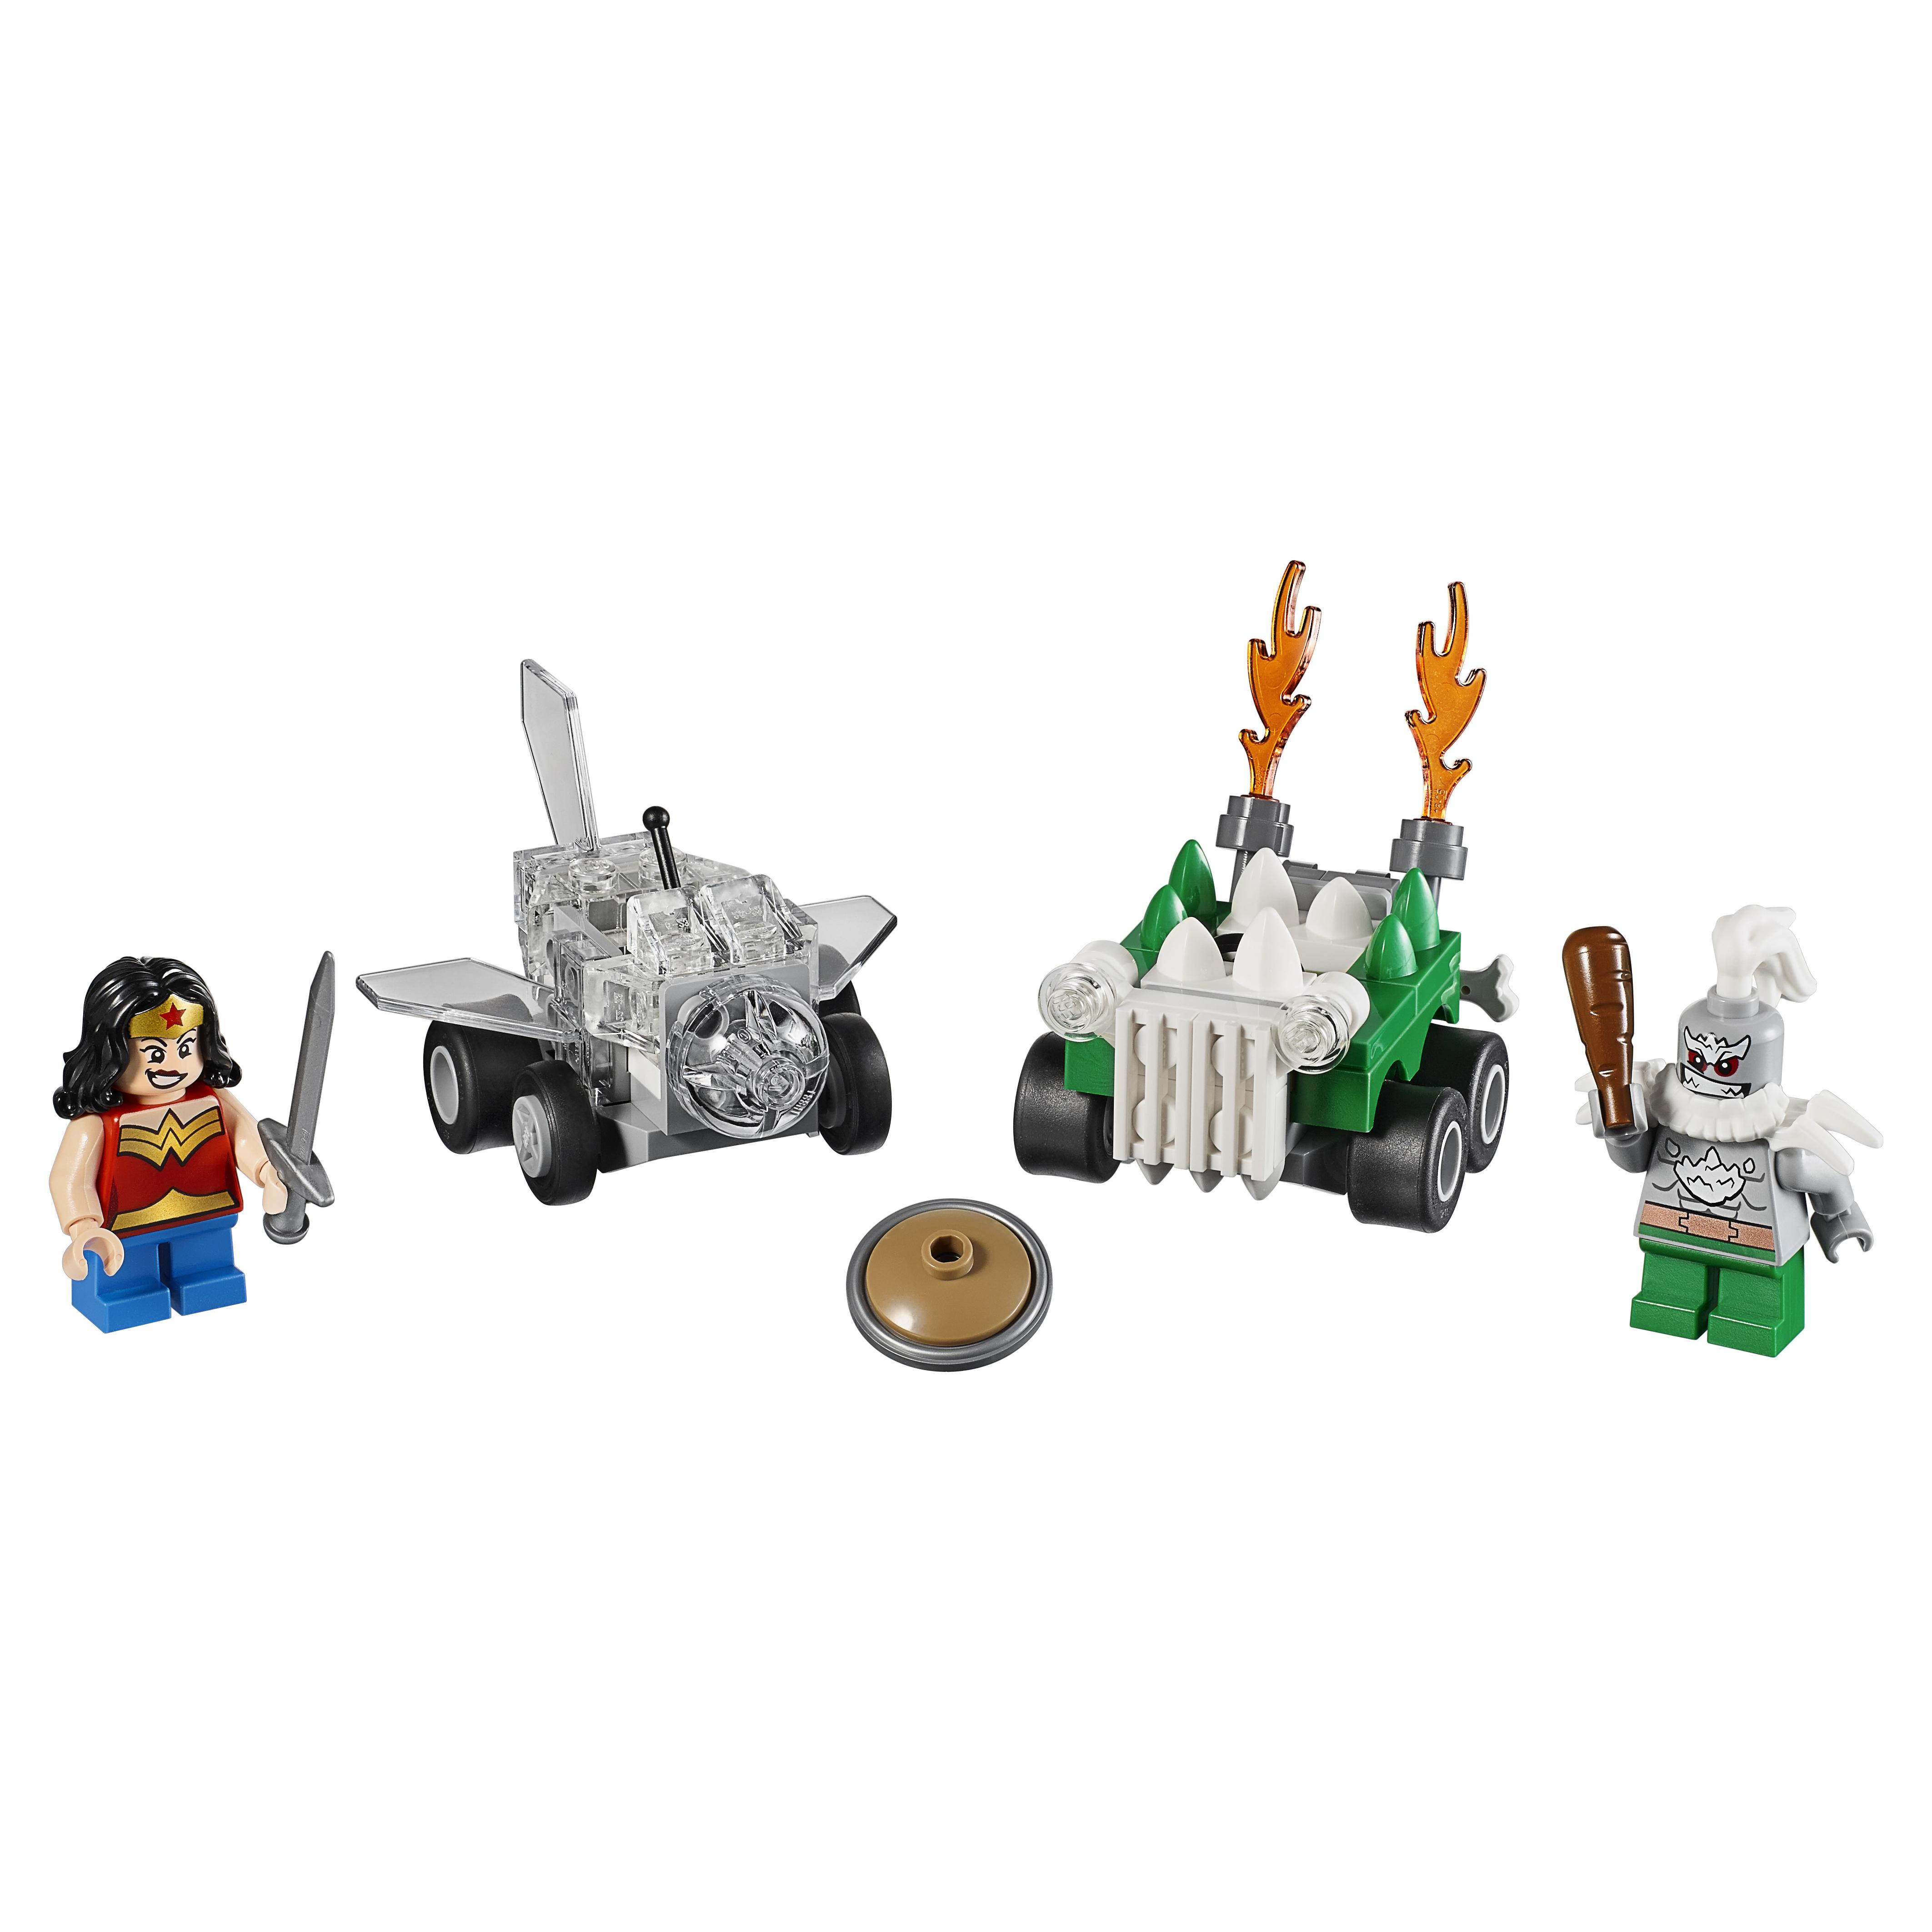 Купить Конструктор LEGO Super Heroes Mighty Micros: Чудо-женщина против Думсдэя (76070)